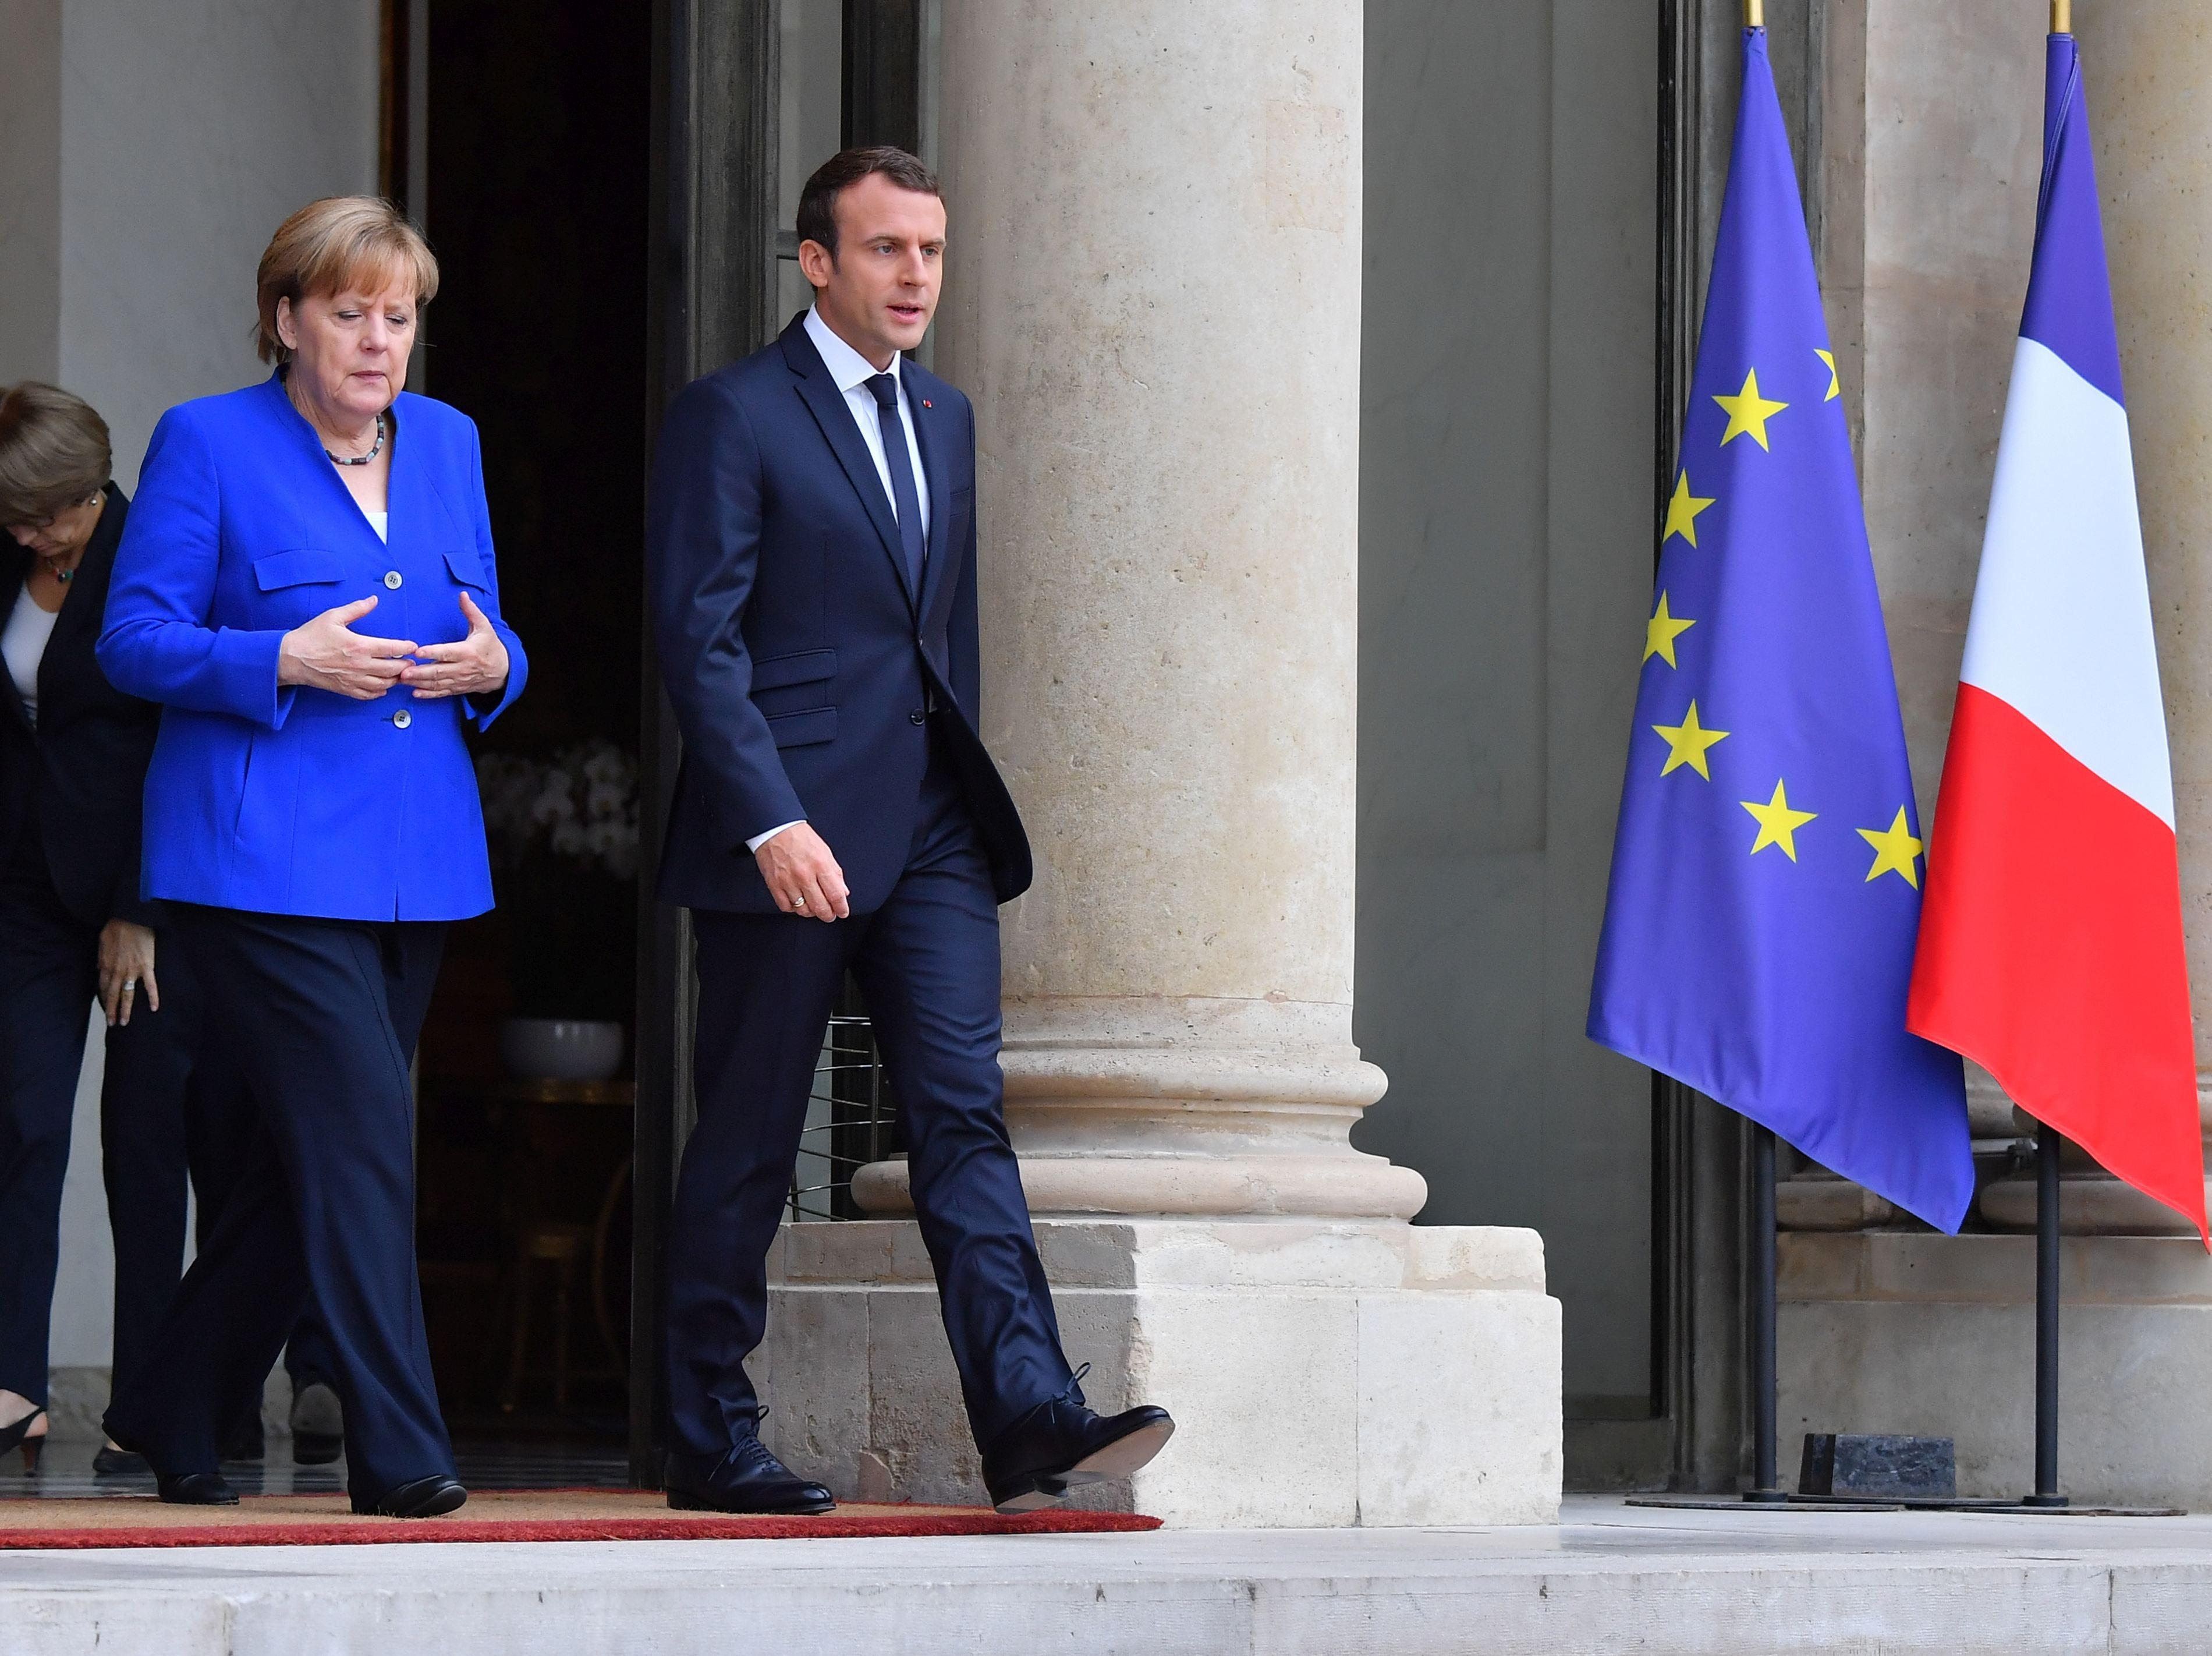 Emmanuel Macron a felicitat-o pe Angela Merkel pentru realegerea sa în funcţia de cancelar al Germaniei